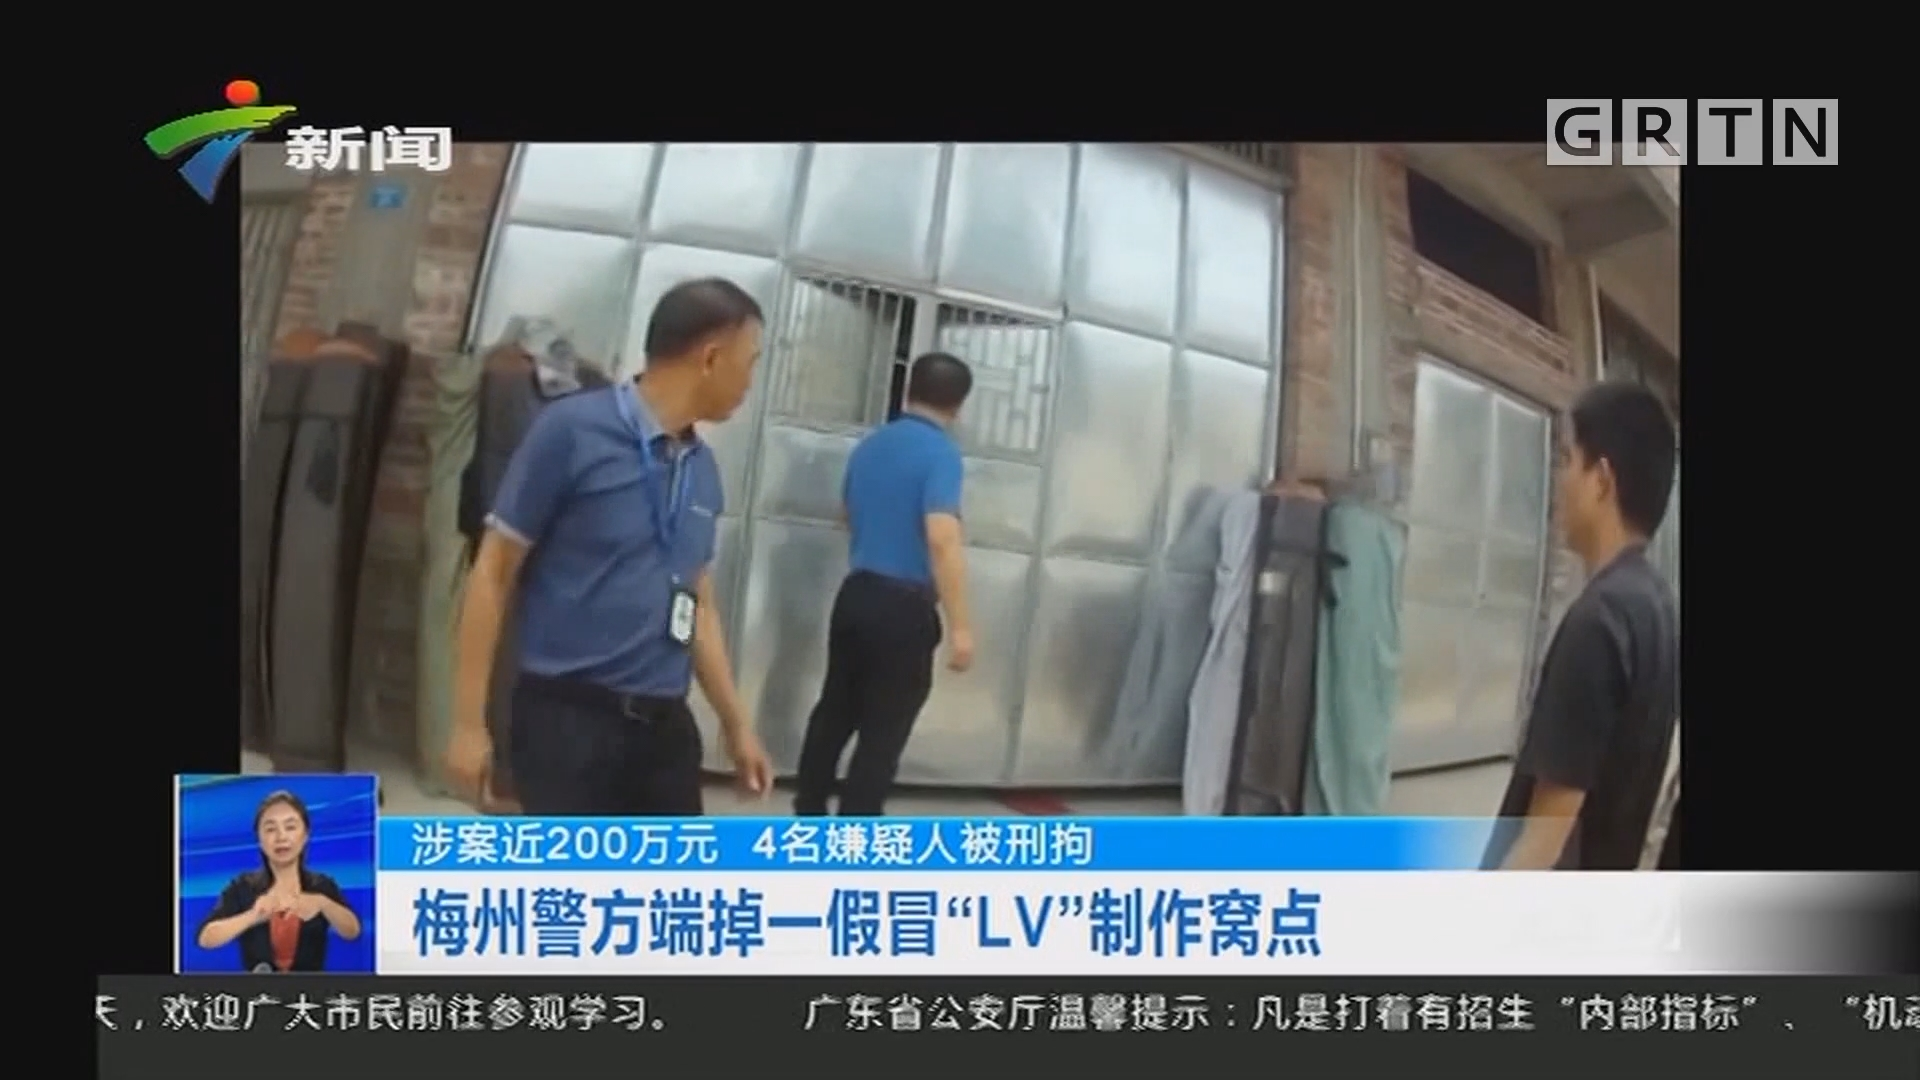 """涉案近200万元 4名嫌疑人被刑拘:梅州警方端掉一假冒""""LV""""制作窝点"""